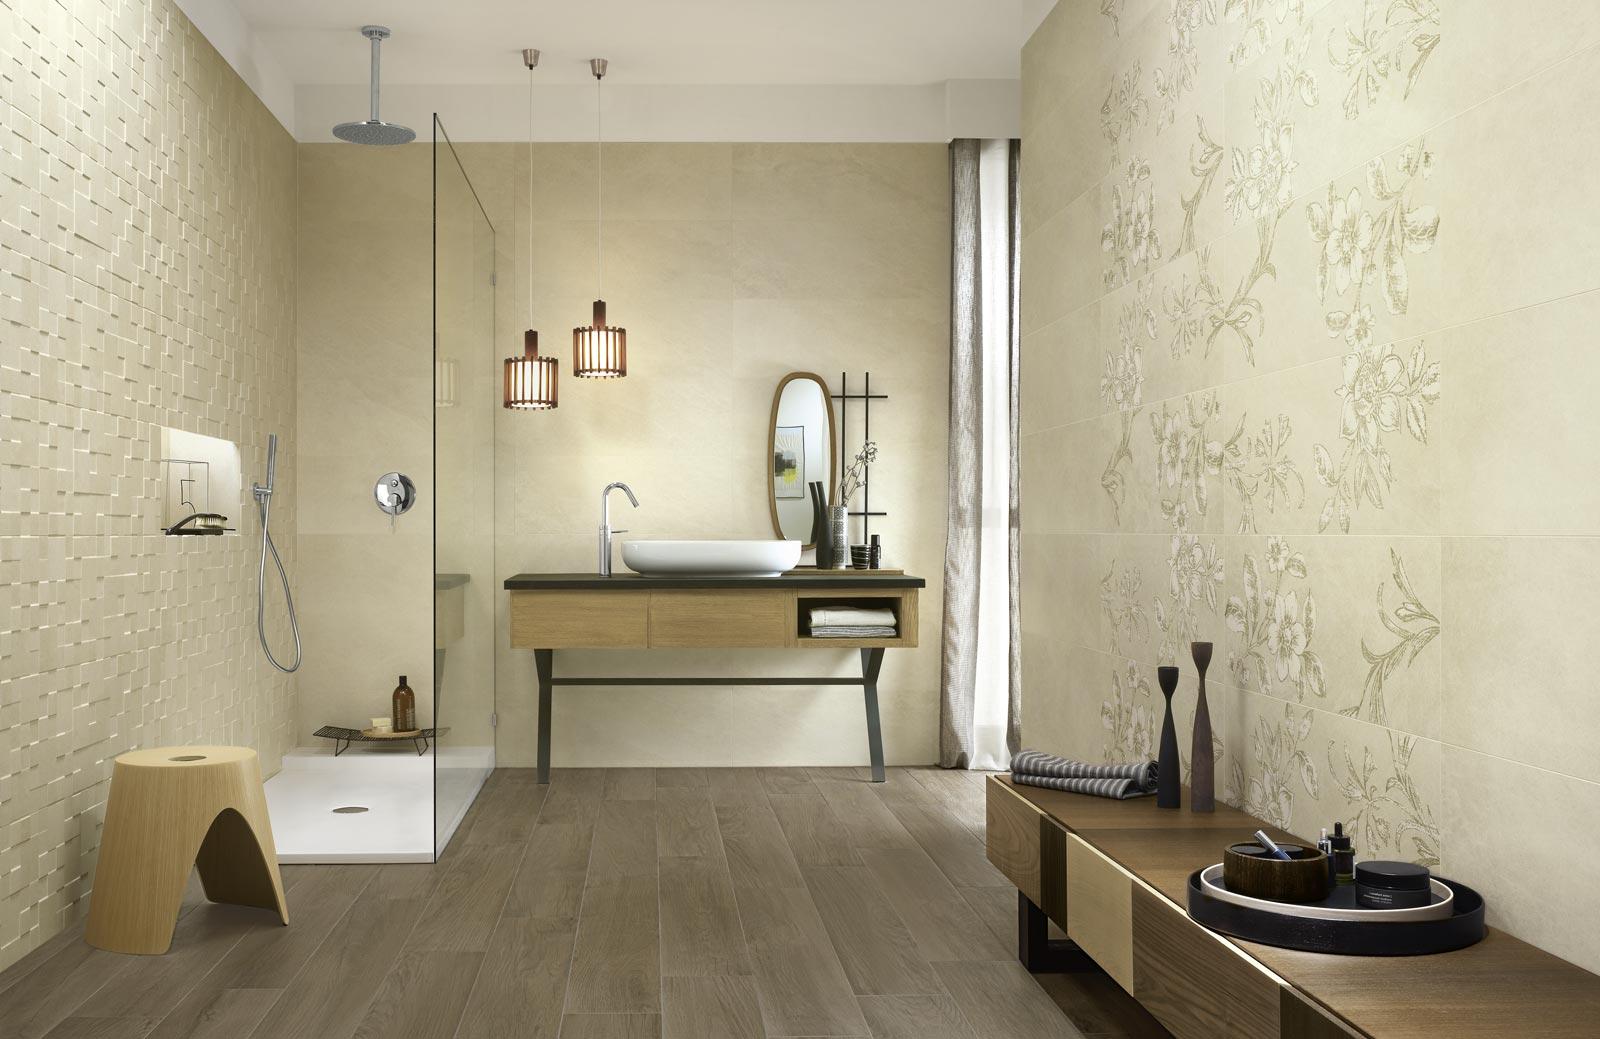 Collezione natural form rivestimenti per il tuo bagno ragno - Piastrelle bagno ragno ...